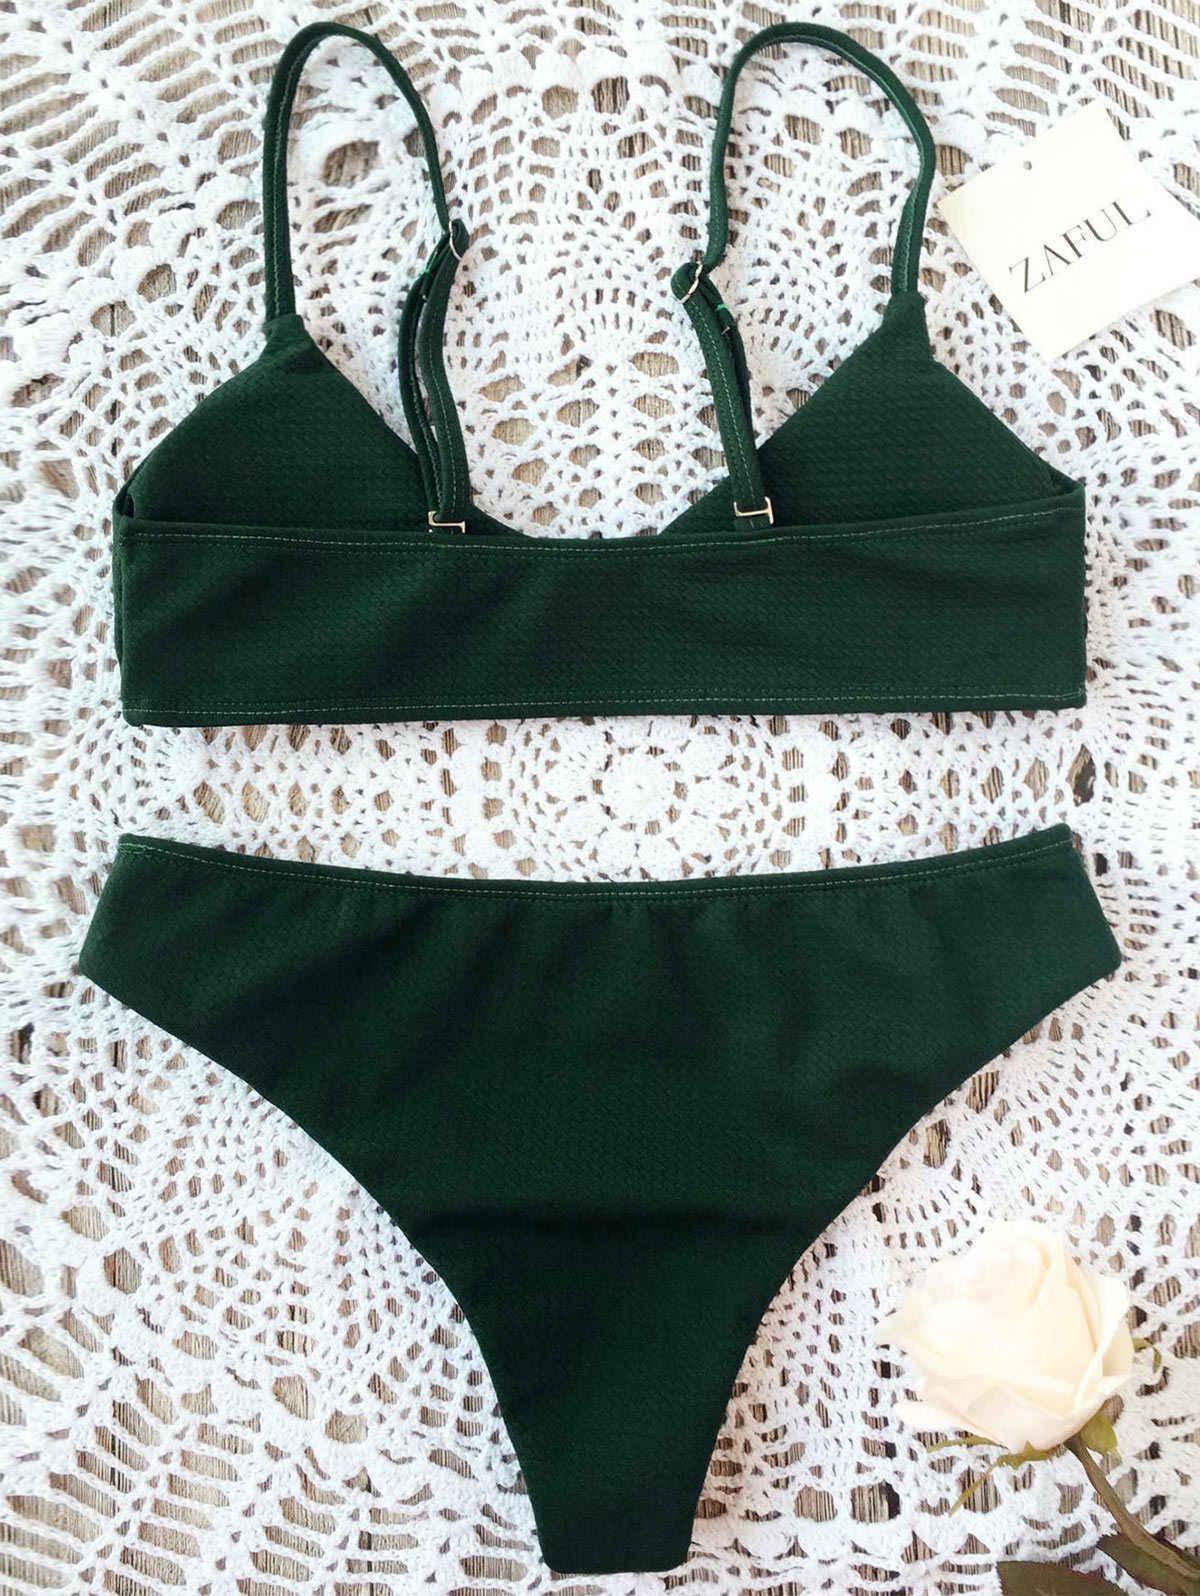 New arrival kobiety sexy pasek niskiej talii 2 sztuk zestaw Bikini push-up wyściełana brazylijski trójkąt strój kąpielowy stroje kąpielowe kostiumy kąpielowe